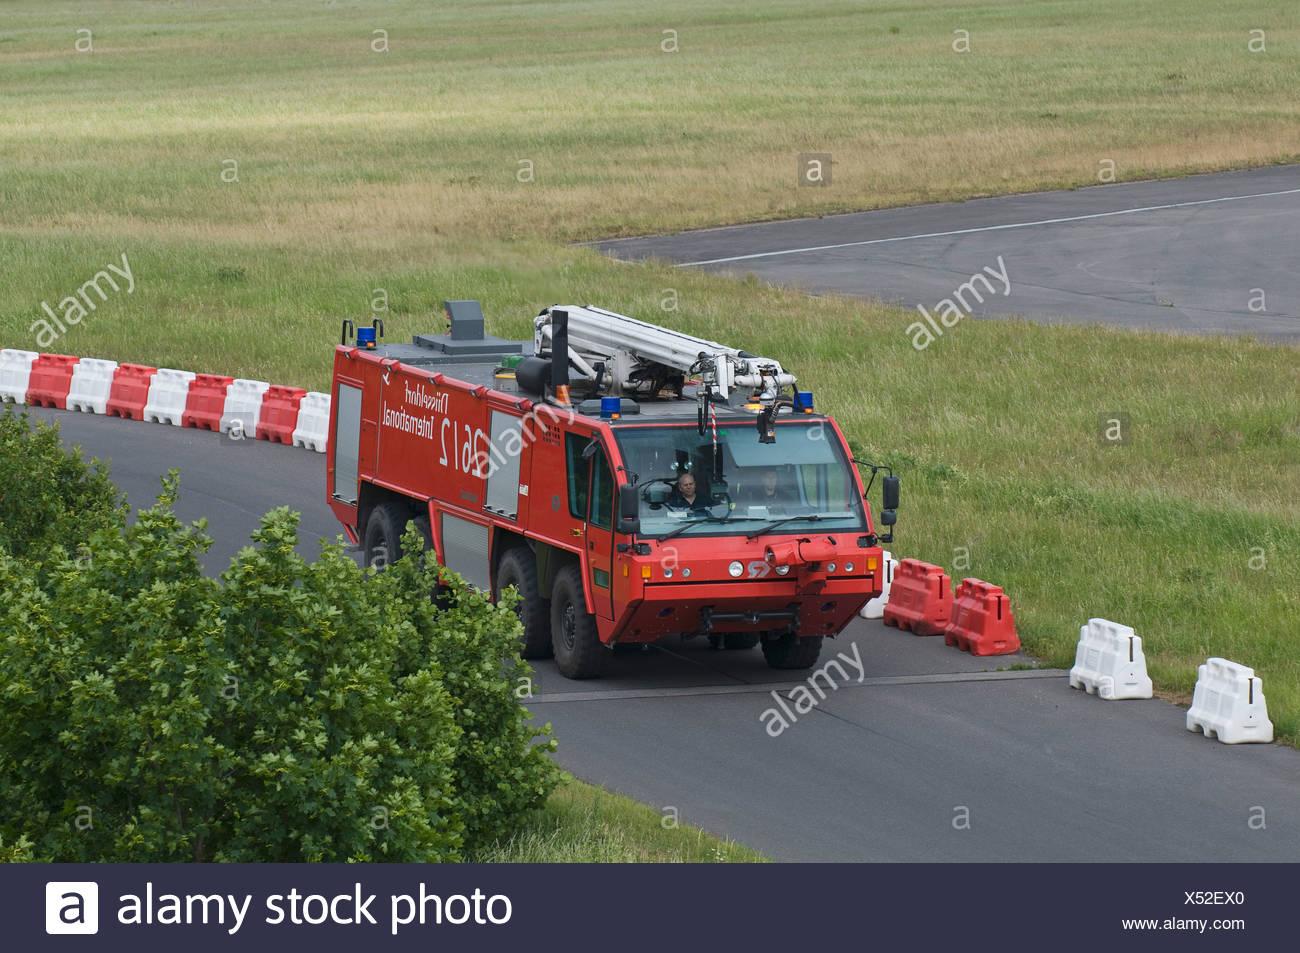 Vehículo de emergencia de los bomberos, el Aeropuerto Internacional de Dusseldorf, Dusseldorf, Renania del Norte-Westfalia, Alemania, Europa Imagen De Stock